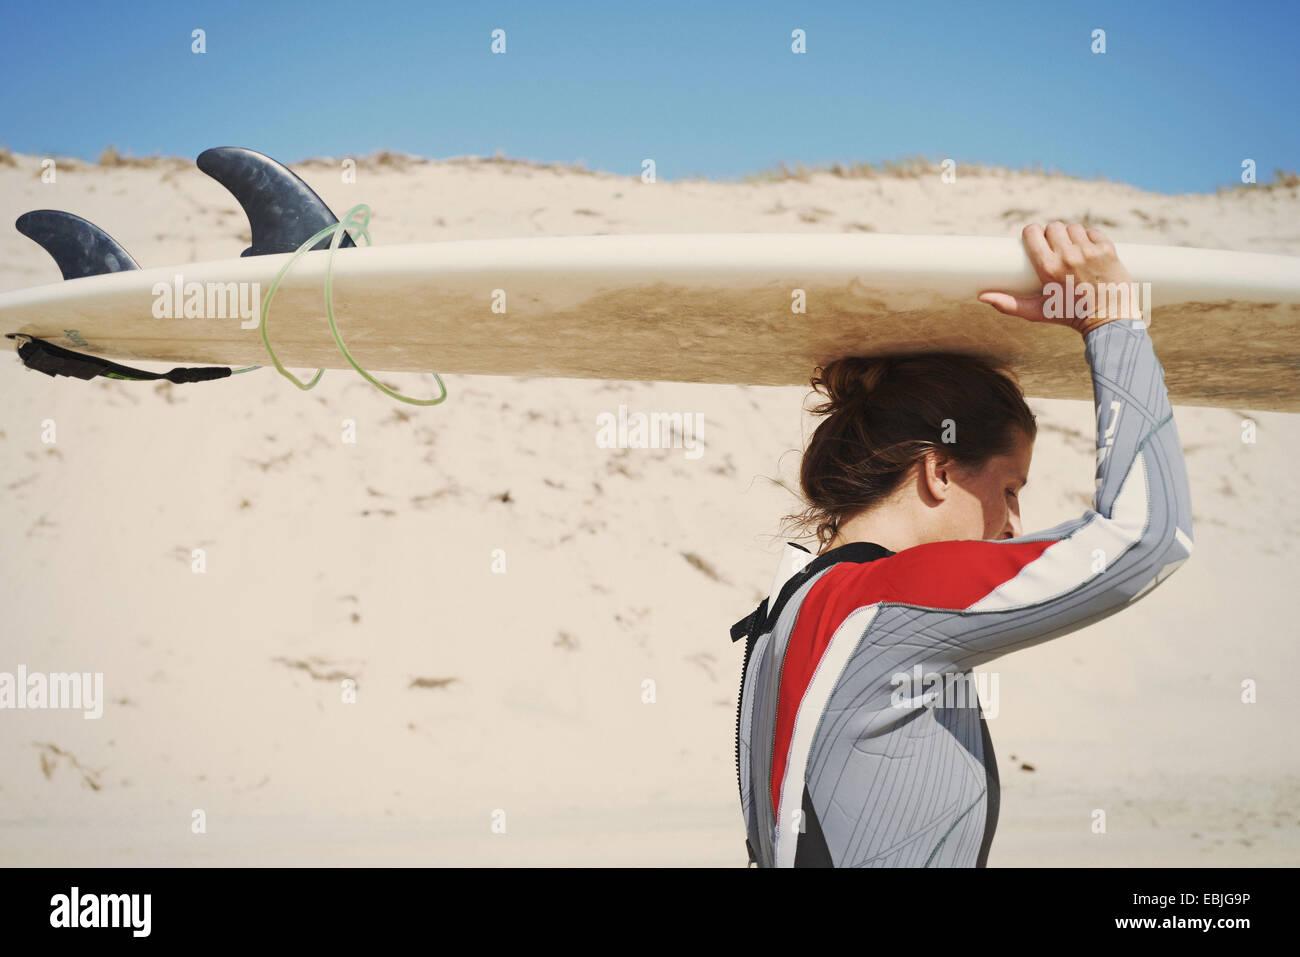 Surfer mit Surfbrett auf Kopf am Strand, Lacanau, Frankreich Stockbild